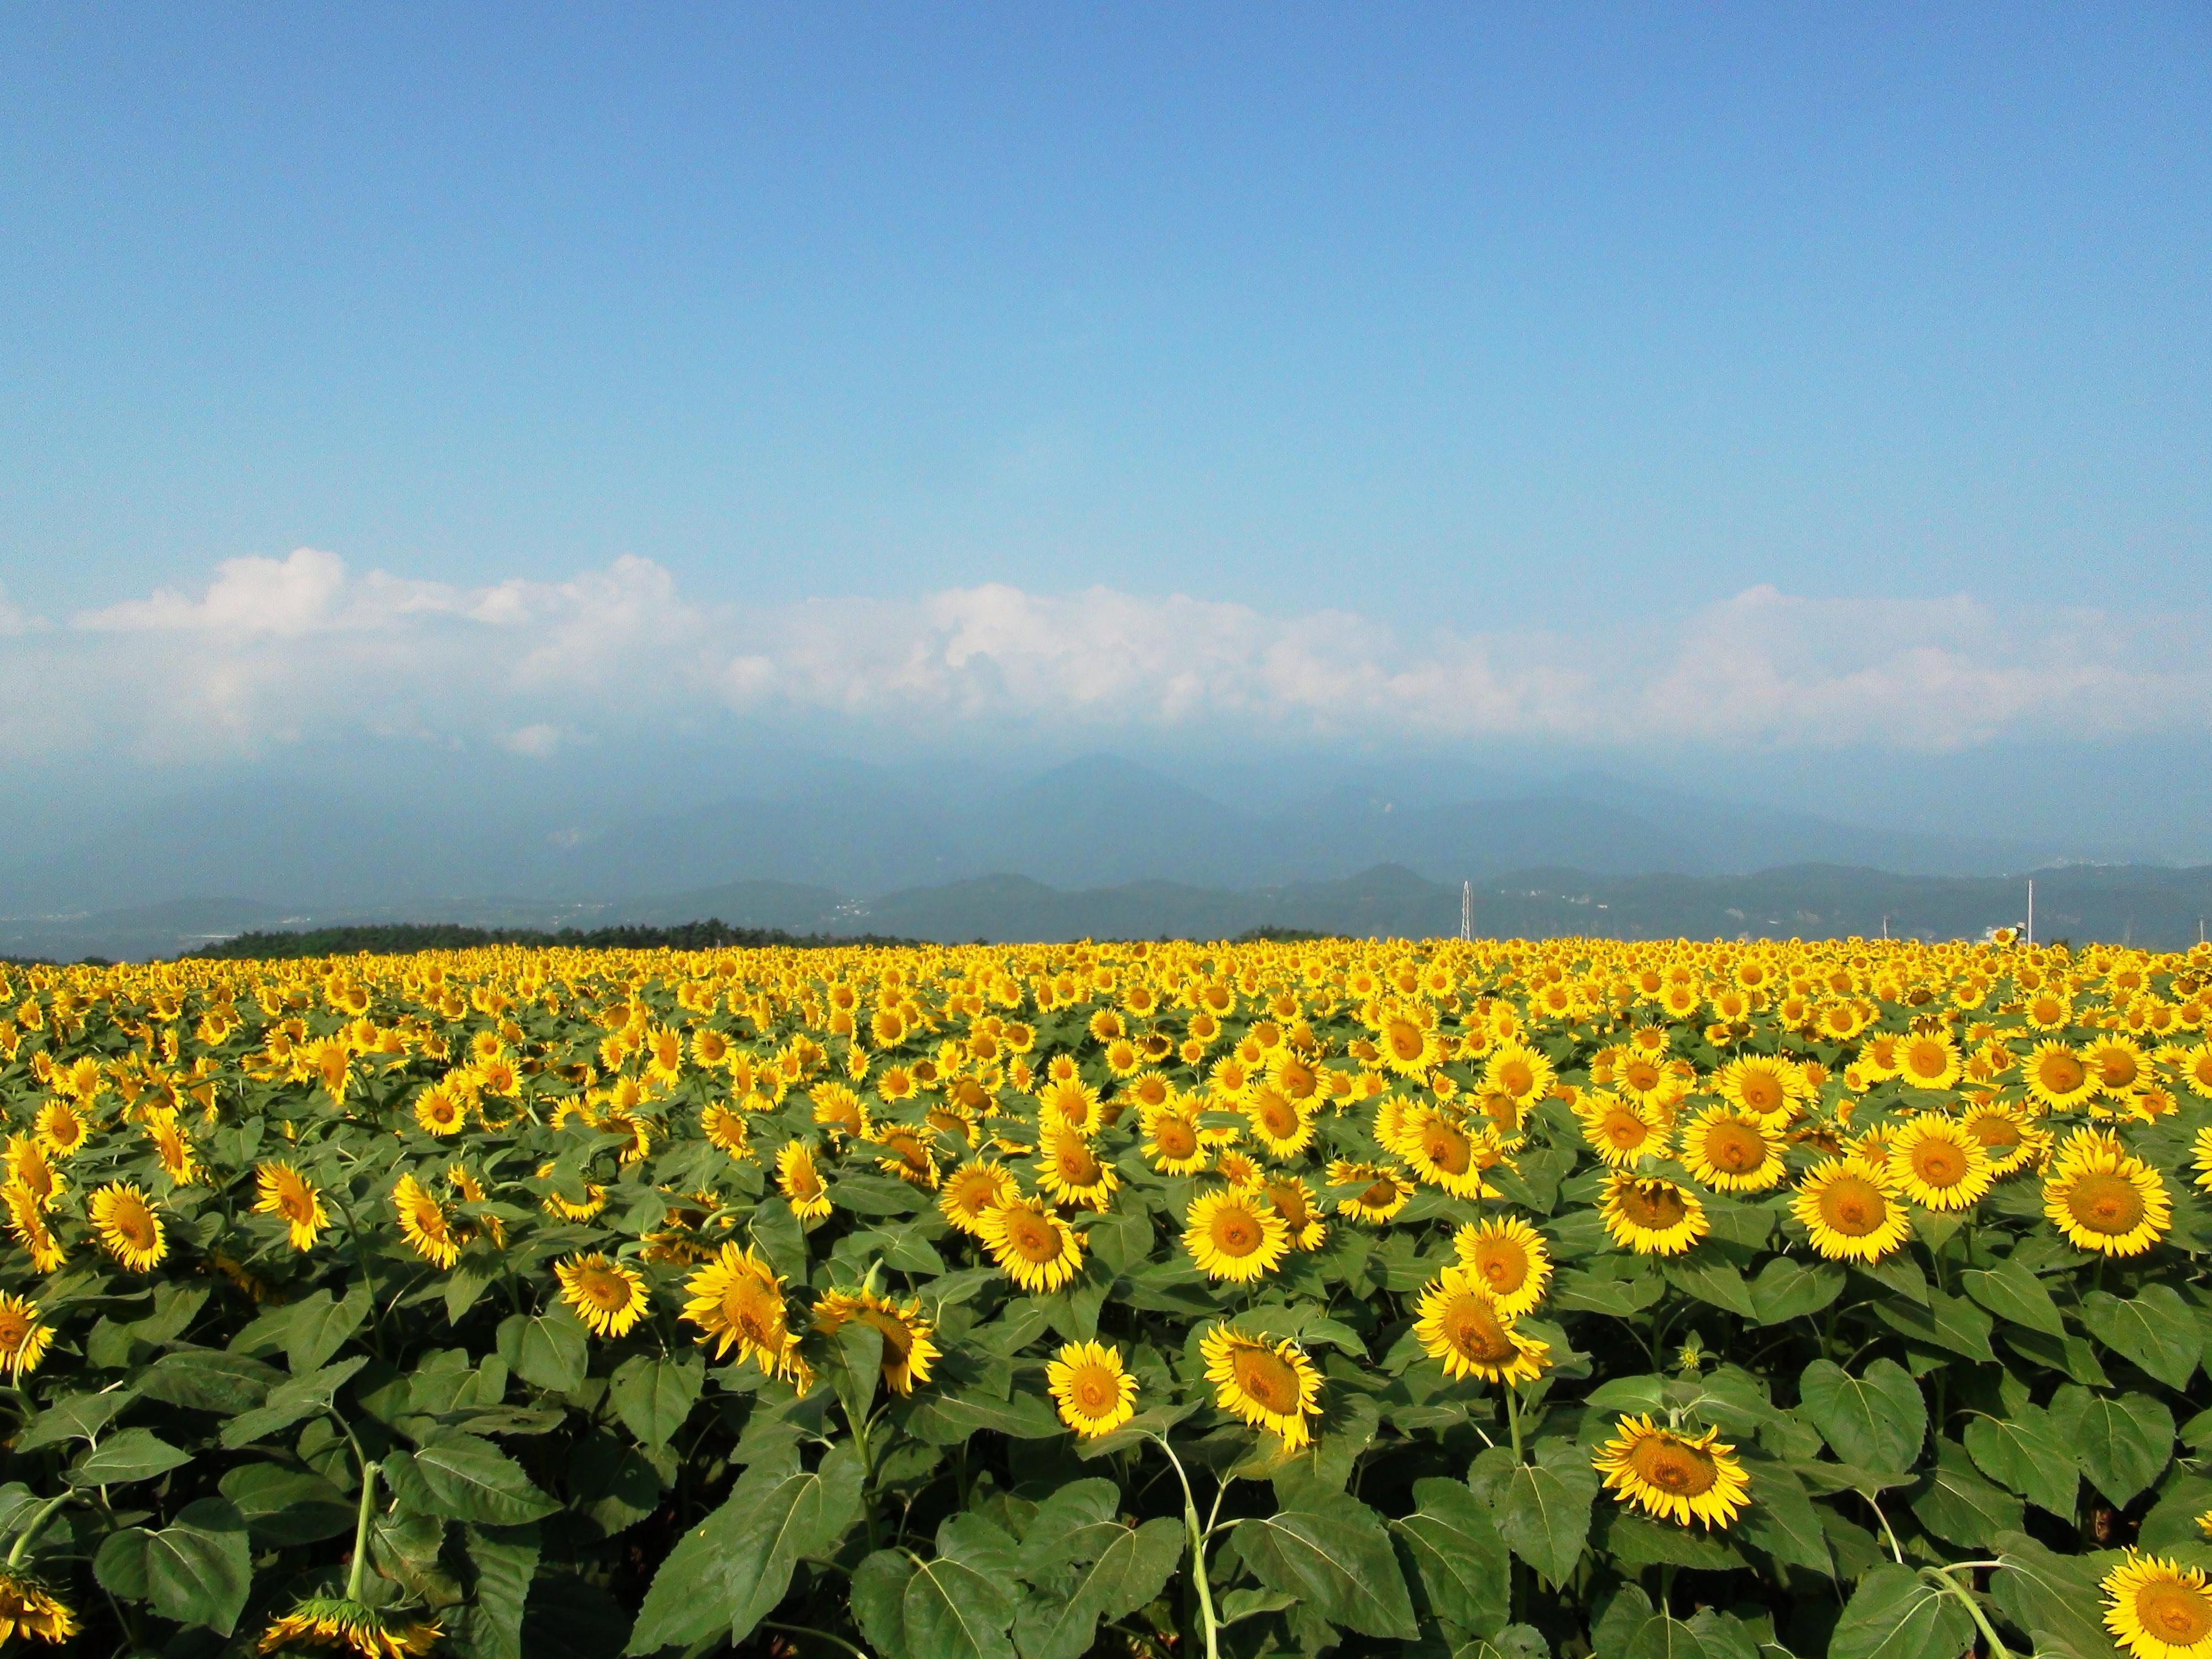 File:Akeno village sunflower field.JPG - Wikimedia Commons